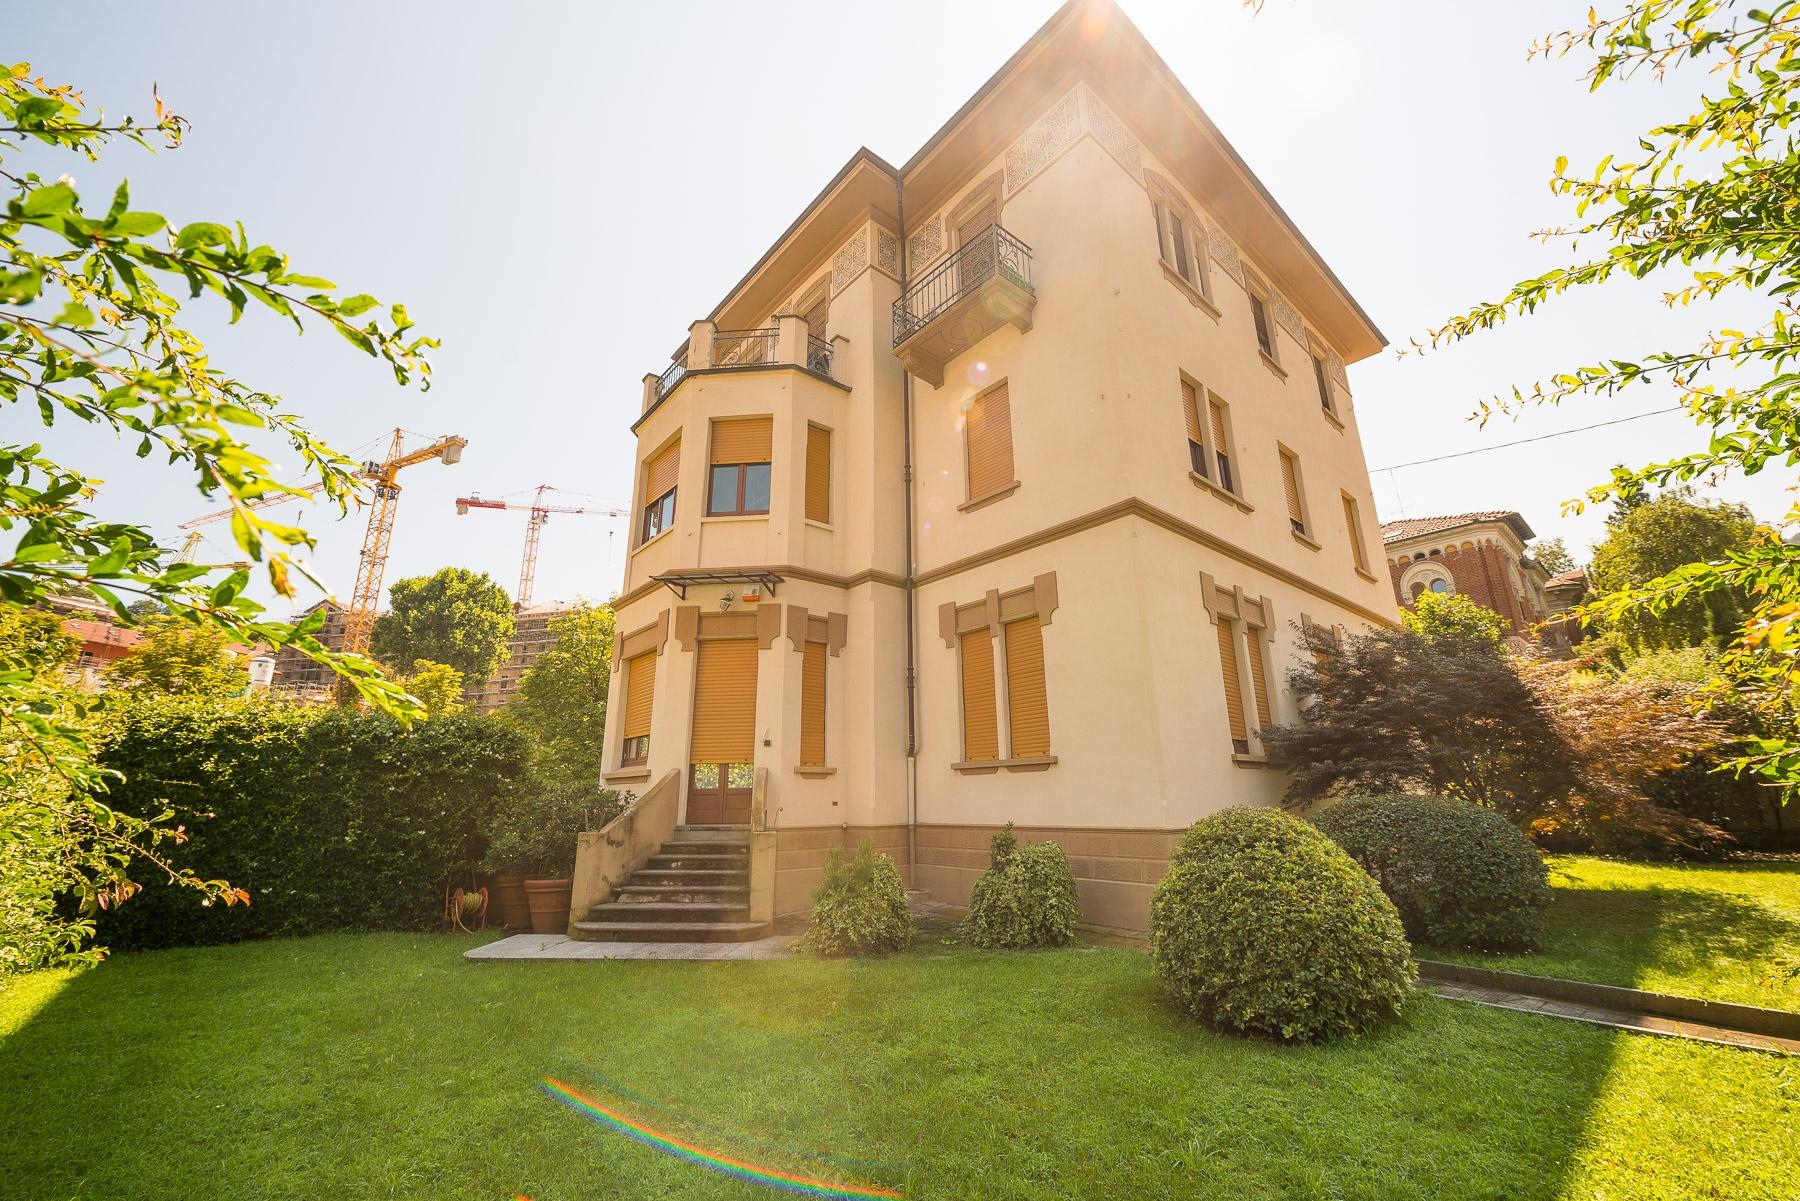 Villa in Vendita a Torino: 5 locali, 650 mq